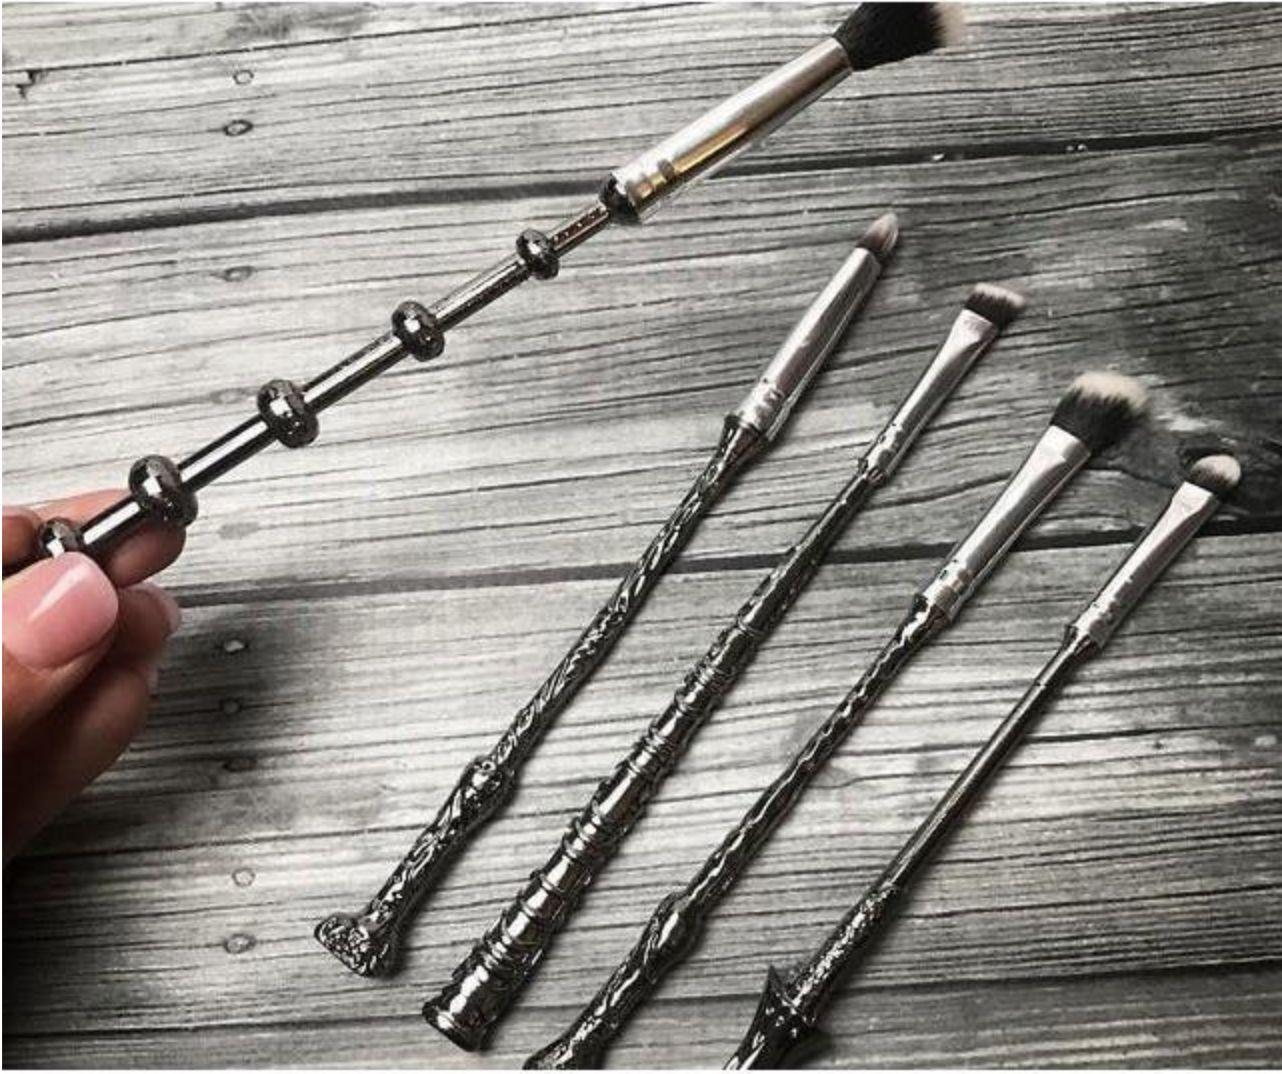 17d93517569a Harry Potter Wizard Wands Makeup Brush Set (5 Pieces + Bag) | Things ...